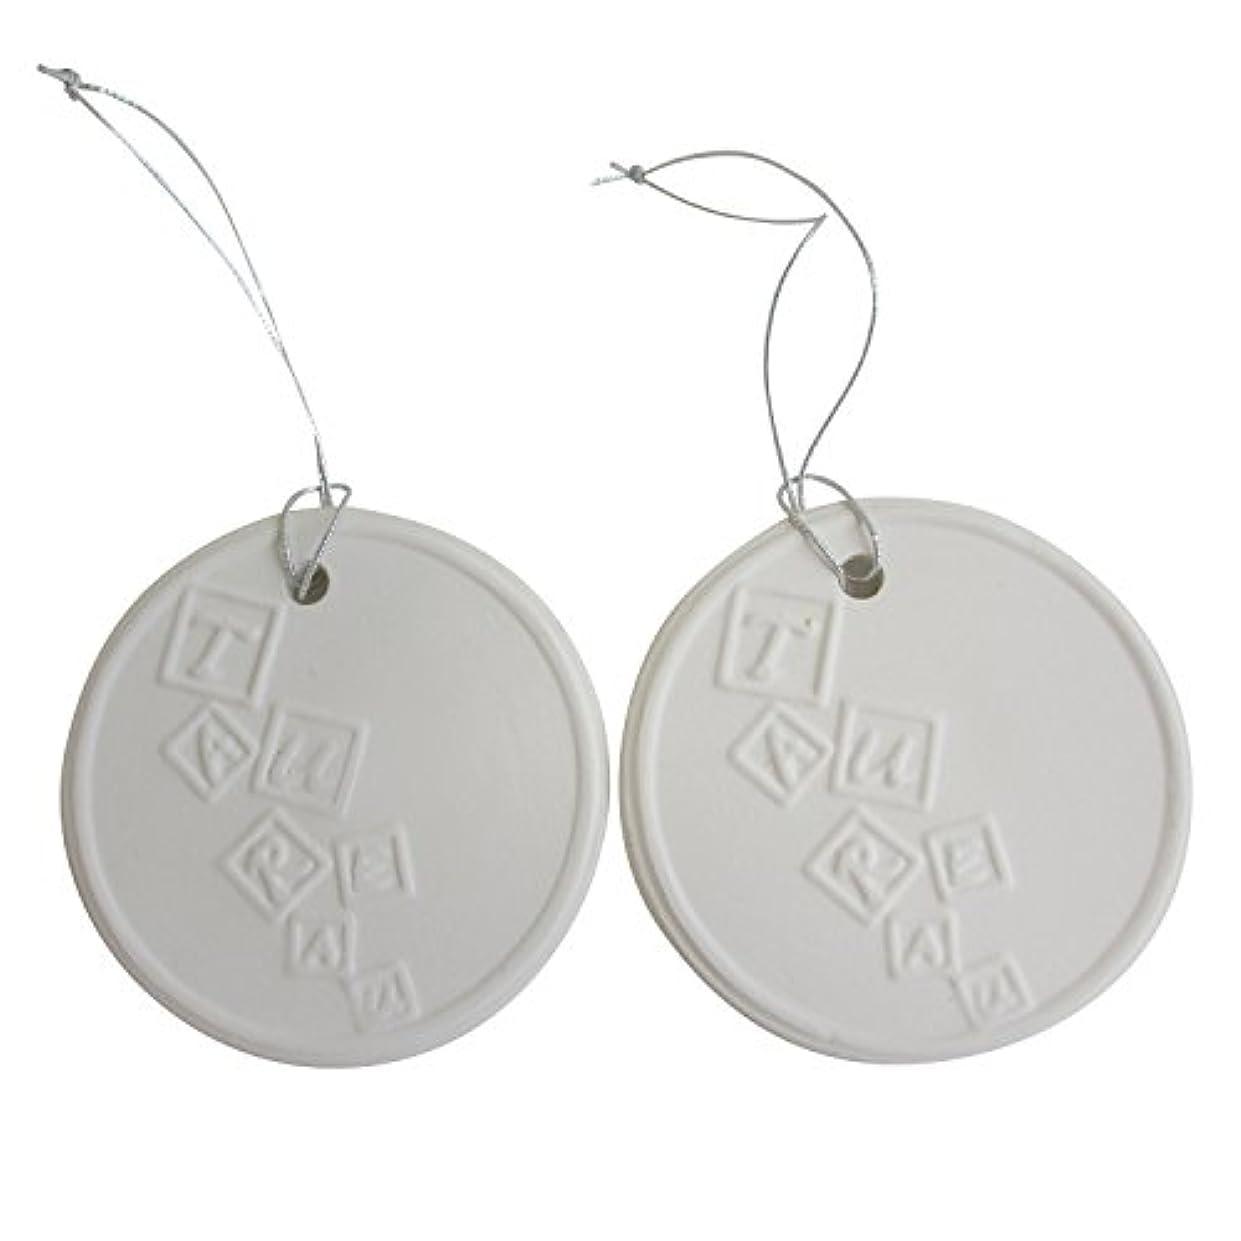 雑草ステレオタイプ使用法アロマストーン ホワイトコイン 2セット(ロゴ2) アクセサリー 小物 キーホルダー アロマディフューザー ペンダント 陶器製